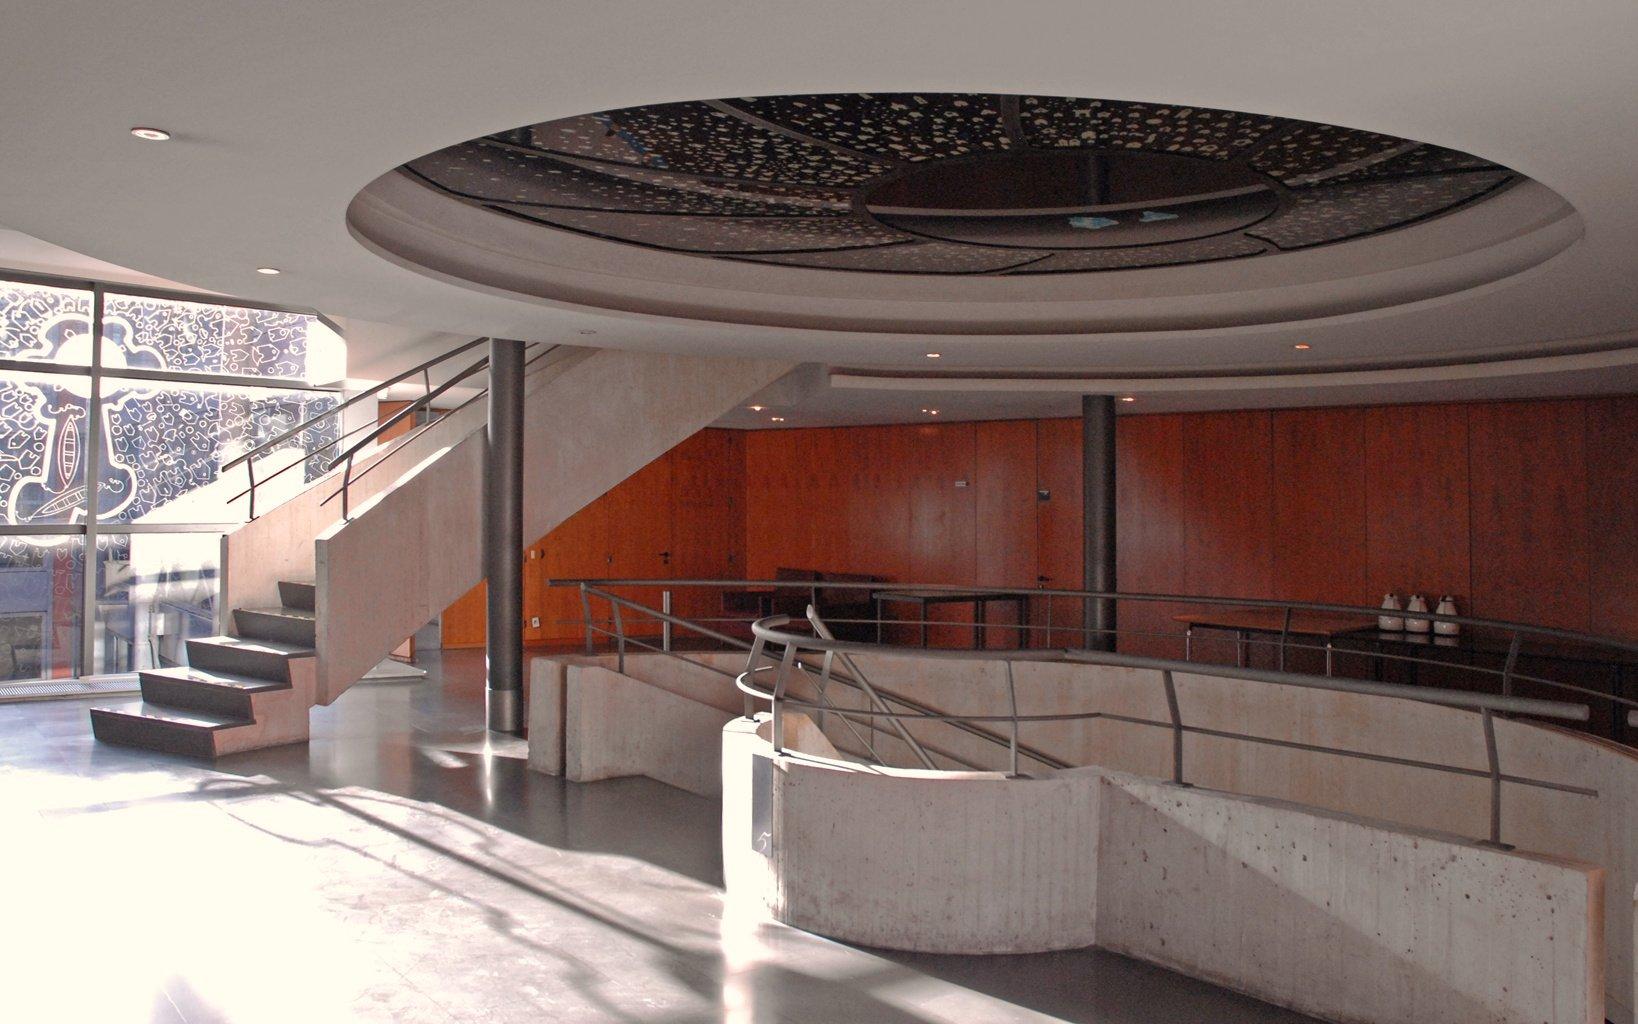 Architecte Interieur Paris 18 file:aménagement intérieur, 6 rue des pyramides, paris 2009